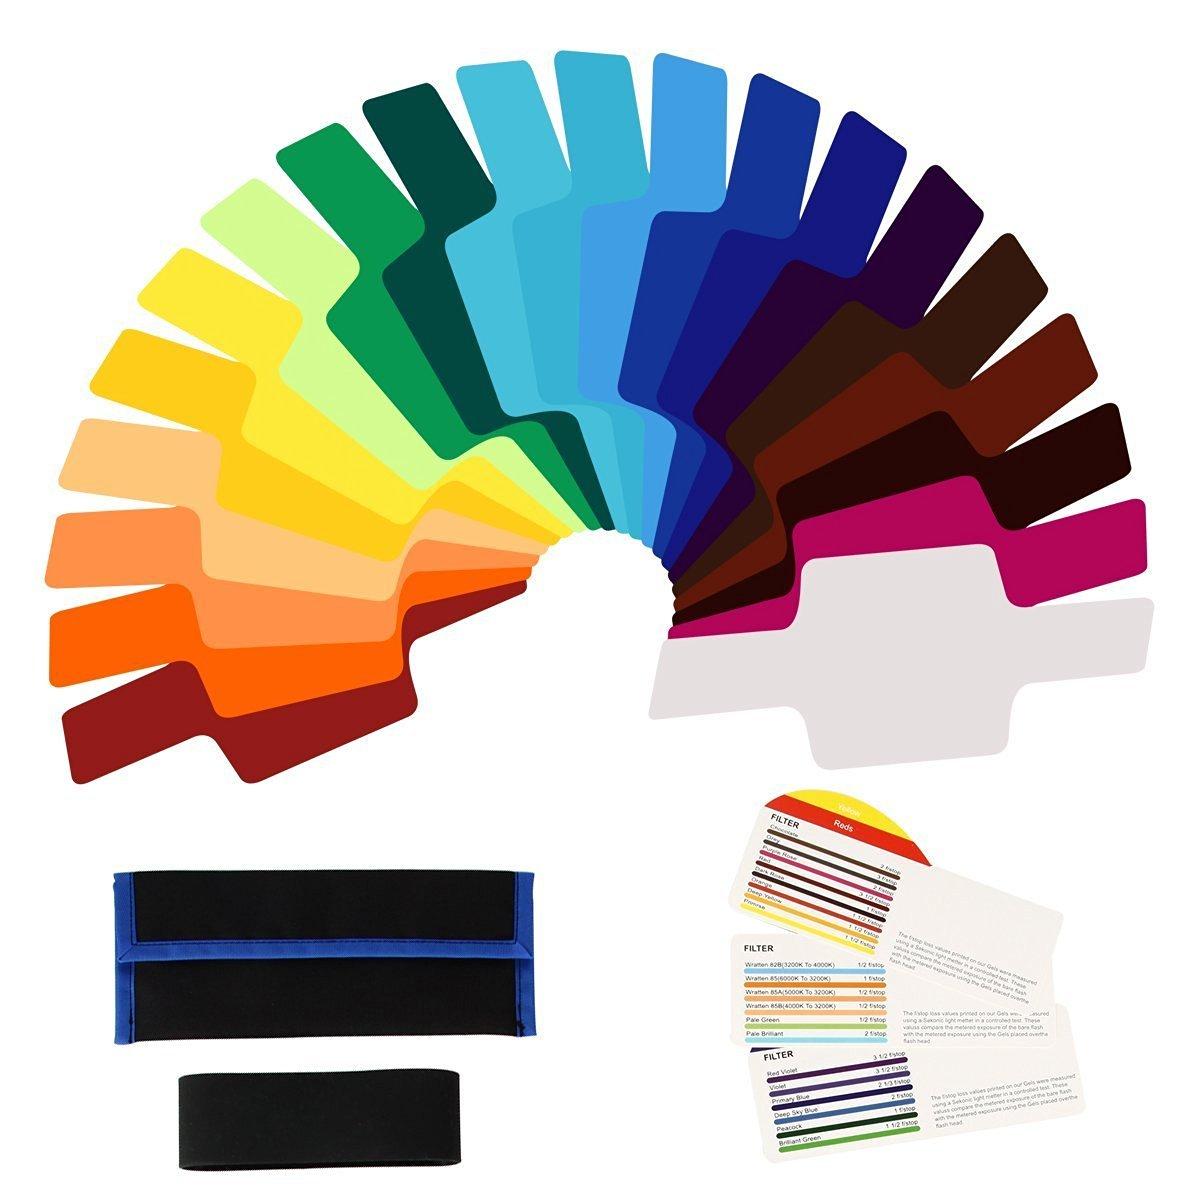 20pcs Universal Lighting Flash Camera Speedlite Speedlight Color Gels Filter for Canon 600EX 580EX Yongnuo YN568EXII/YN565EXII/YN560III/YN460 DC657